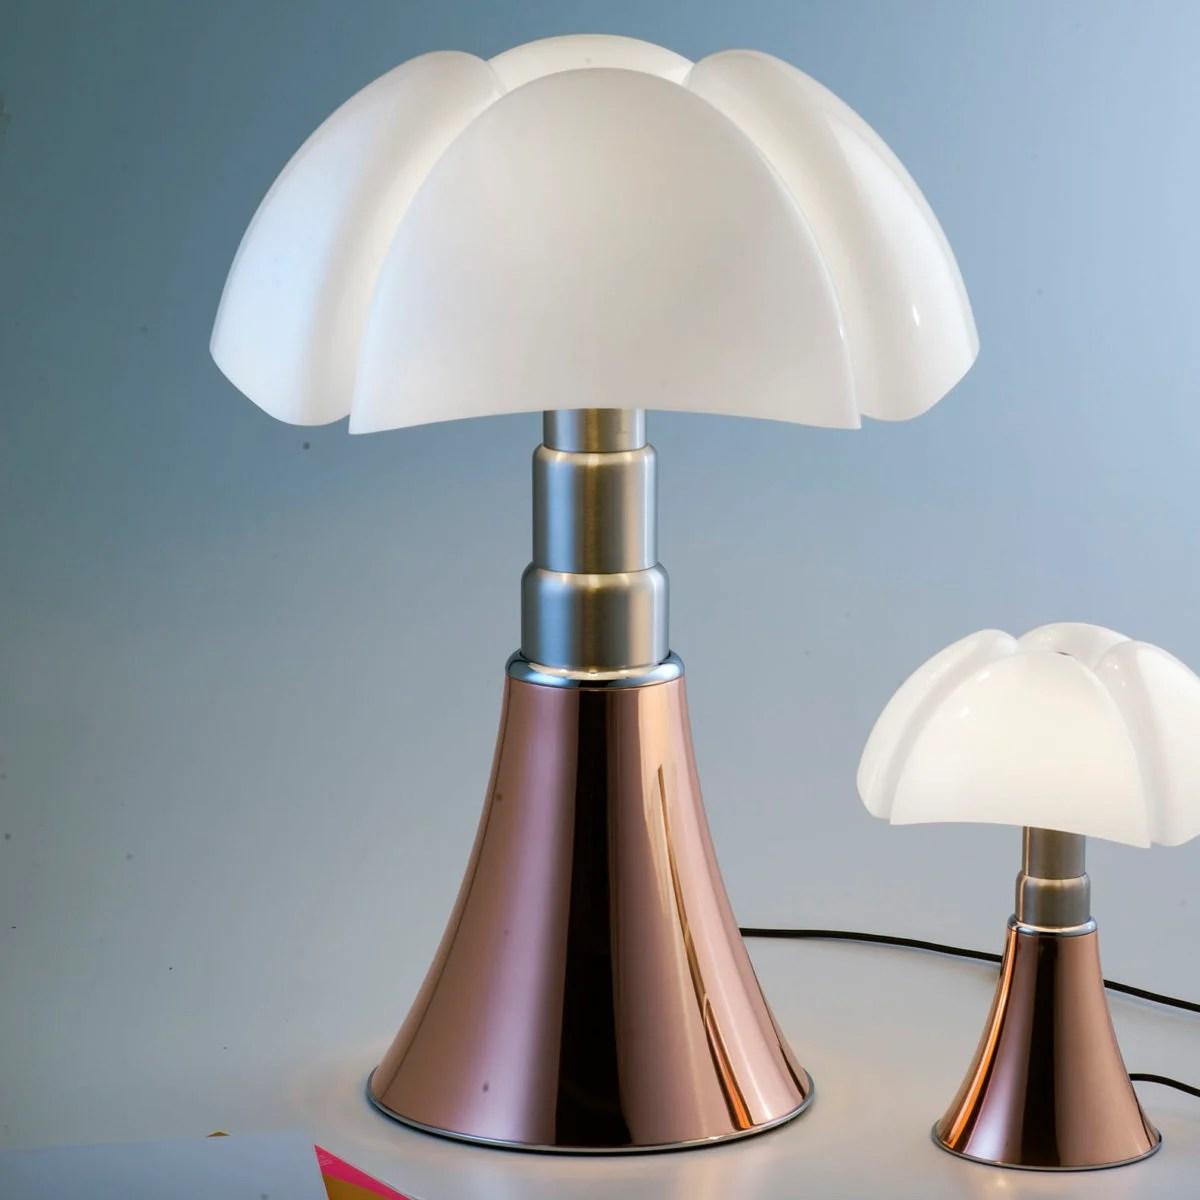 Ti portiamo questa bellezza, la lampada da tavolo dal design minimalista phantella, una lampada affascinante. 7 Lampade Da Tavolo Che Hanno Fatto La Storia Del Design